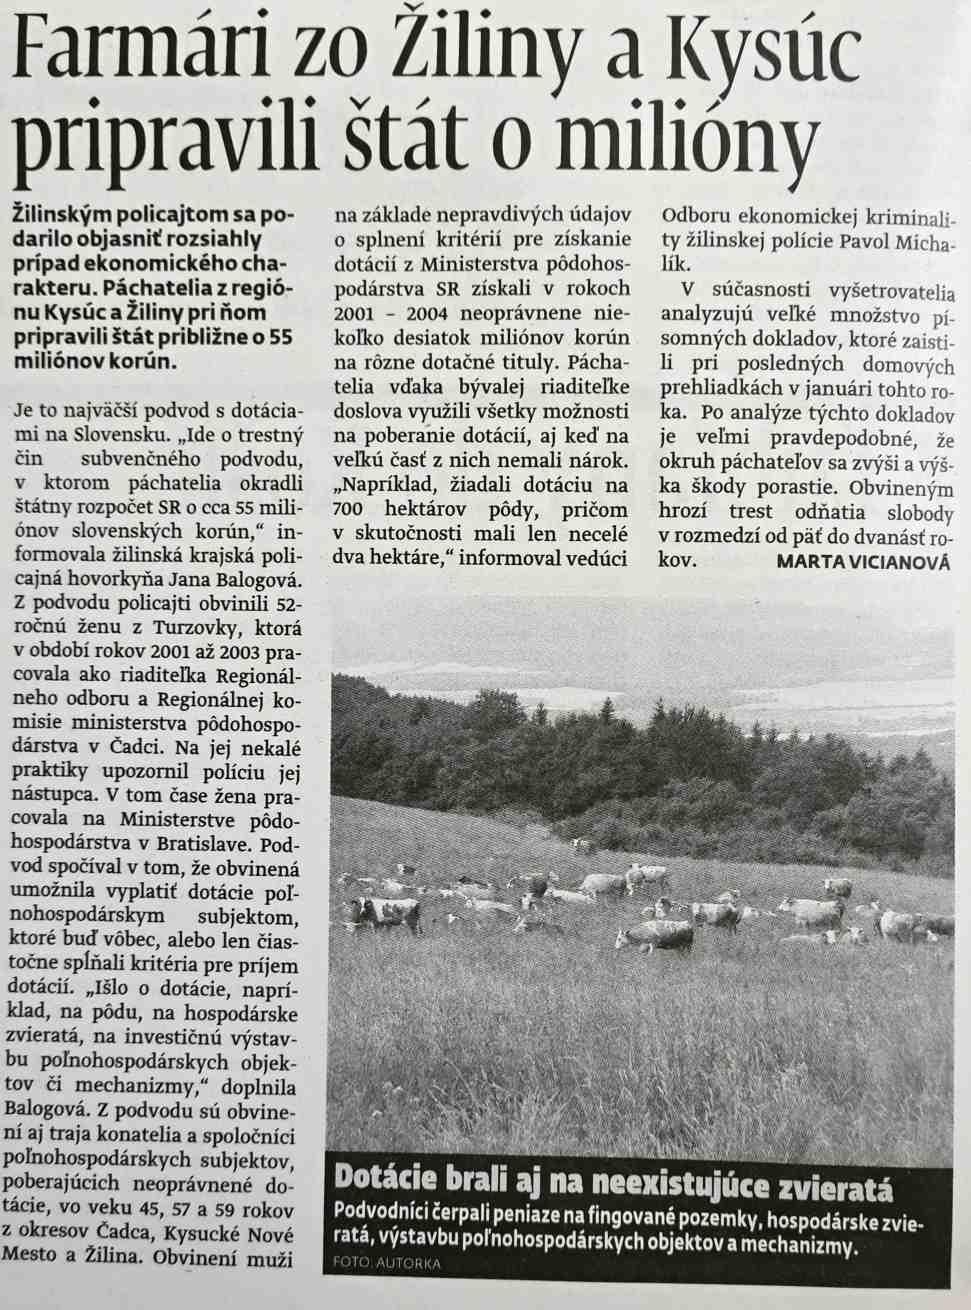 Spravodajstvo Farmarske podvody